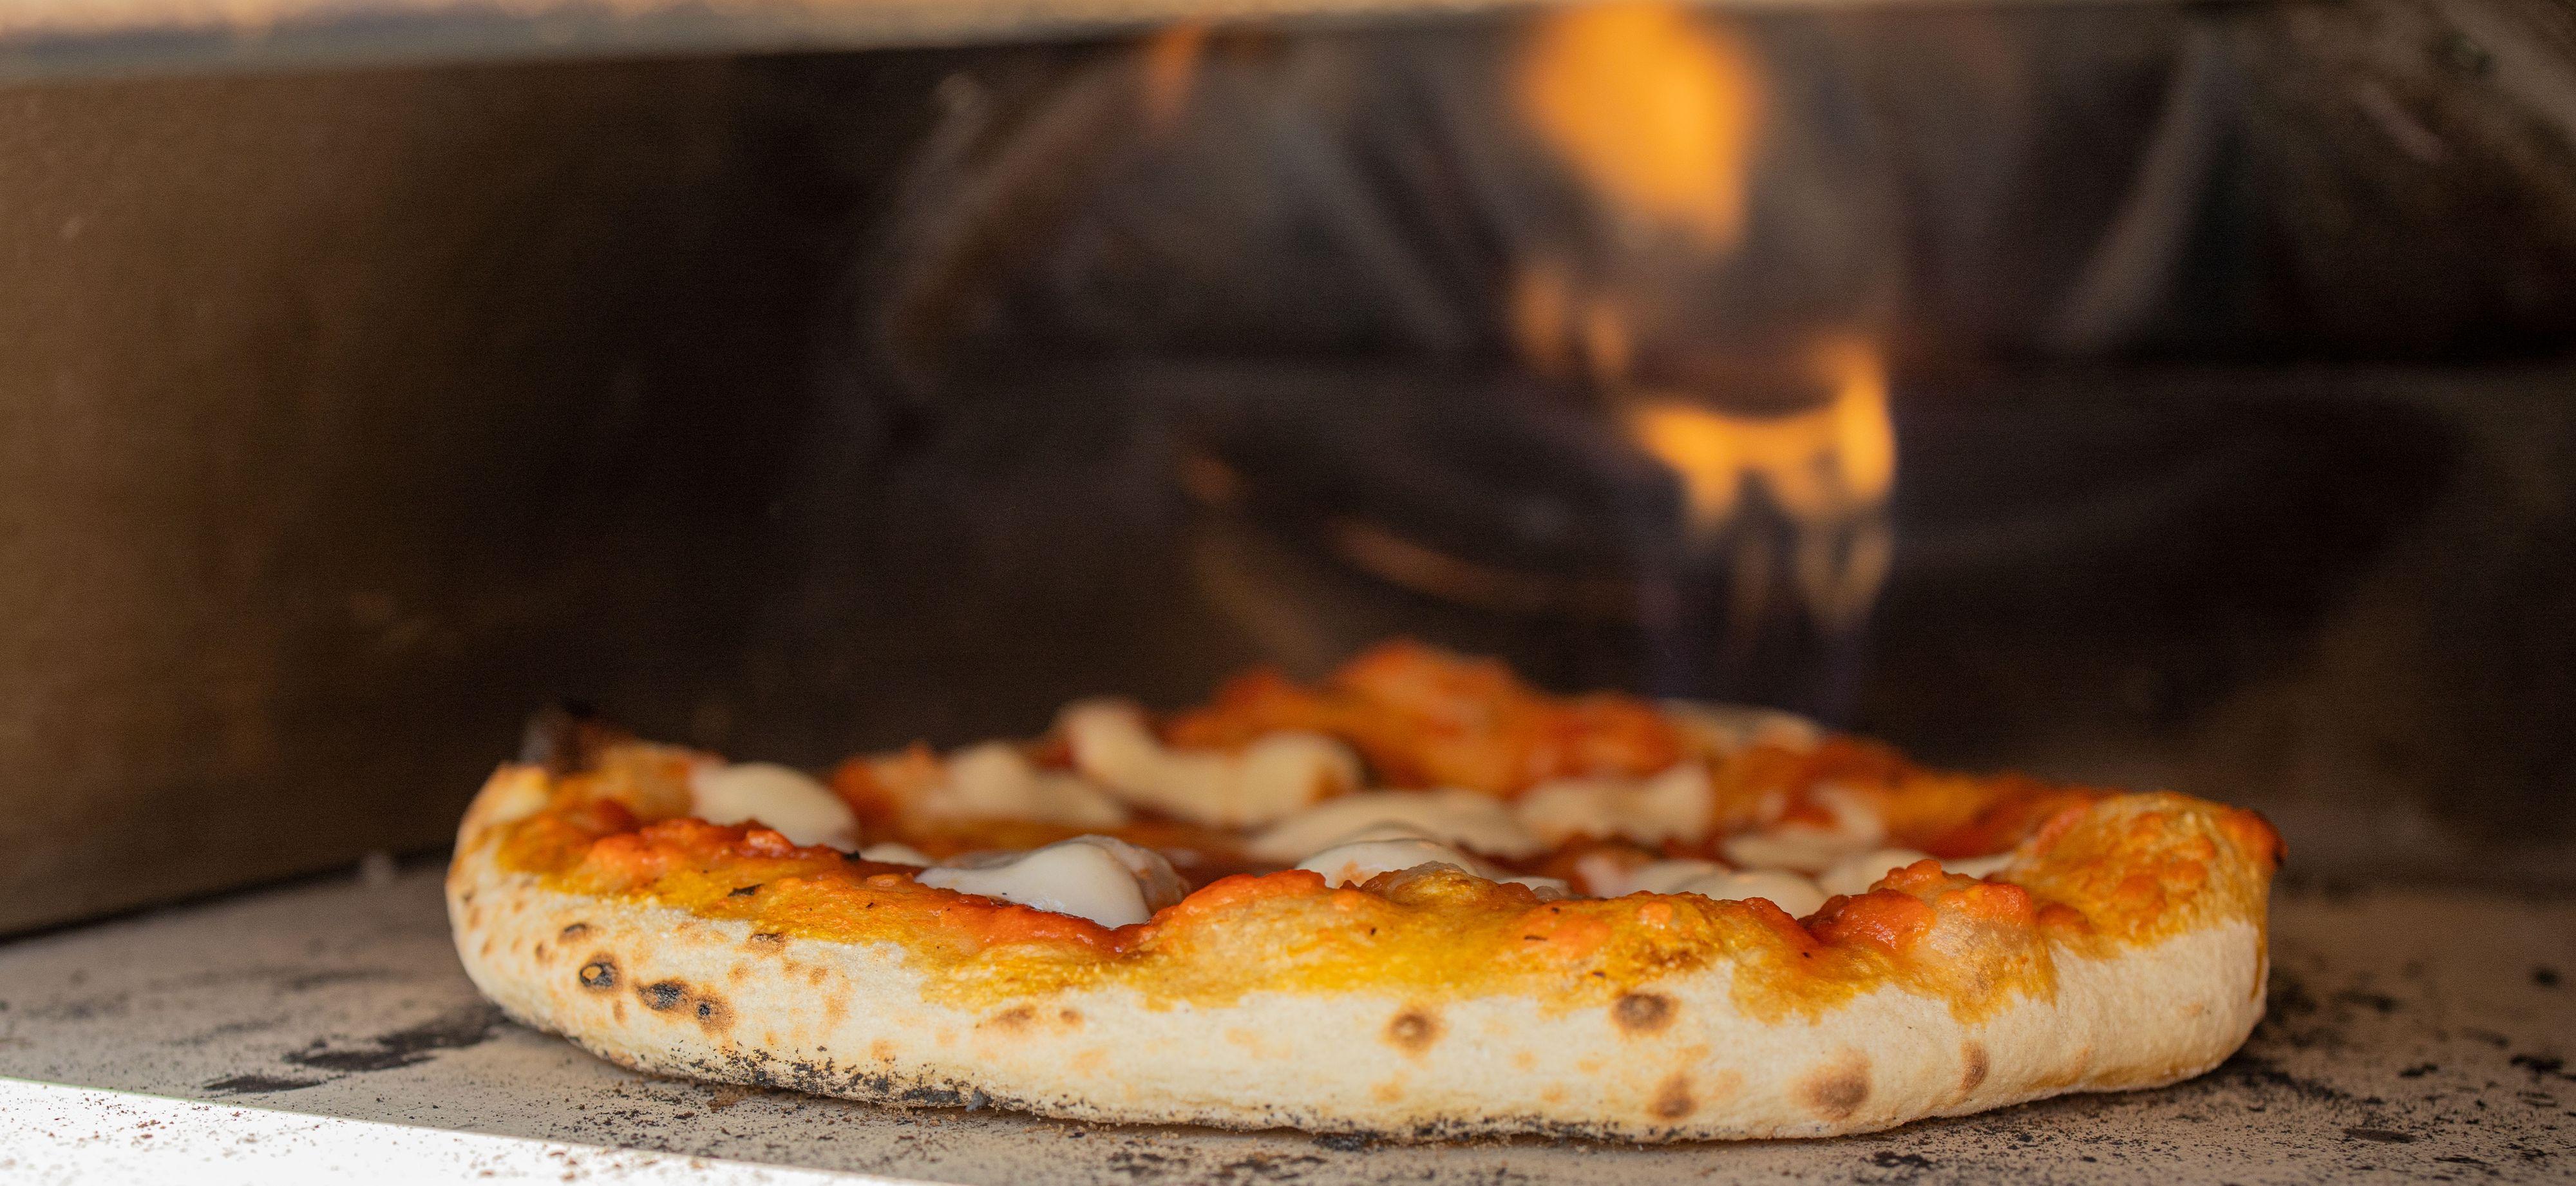 Overflaten på pizzasteinen måler nesten 500 grader celsius lengst bak, noe som er ypperlig for å lage en perfekt napolitansk pizza.